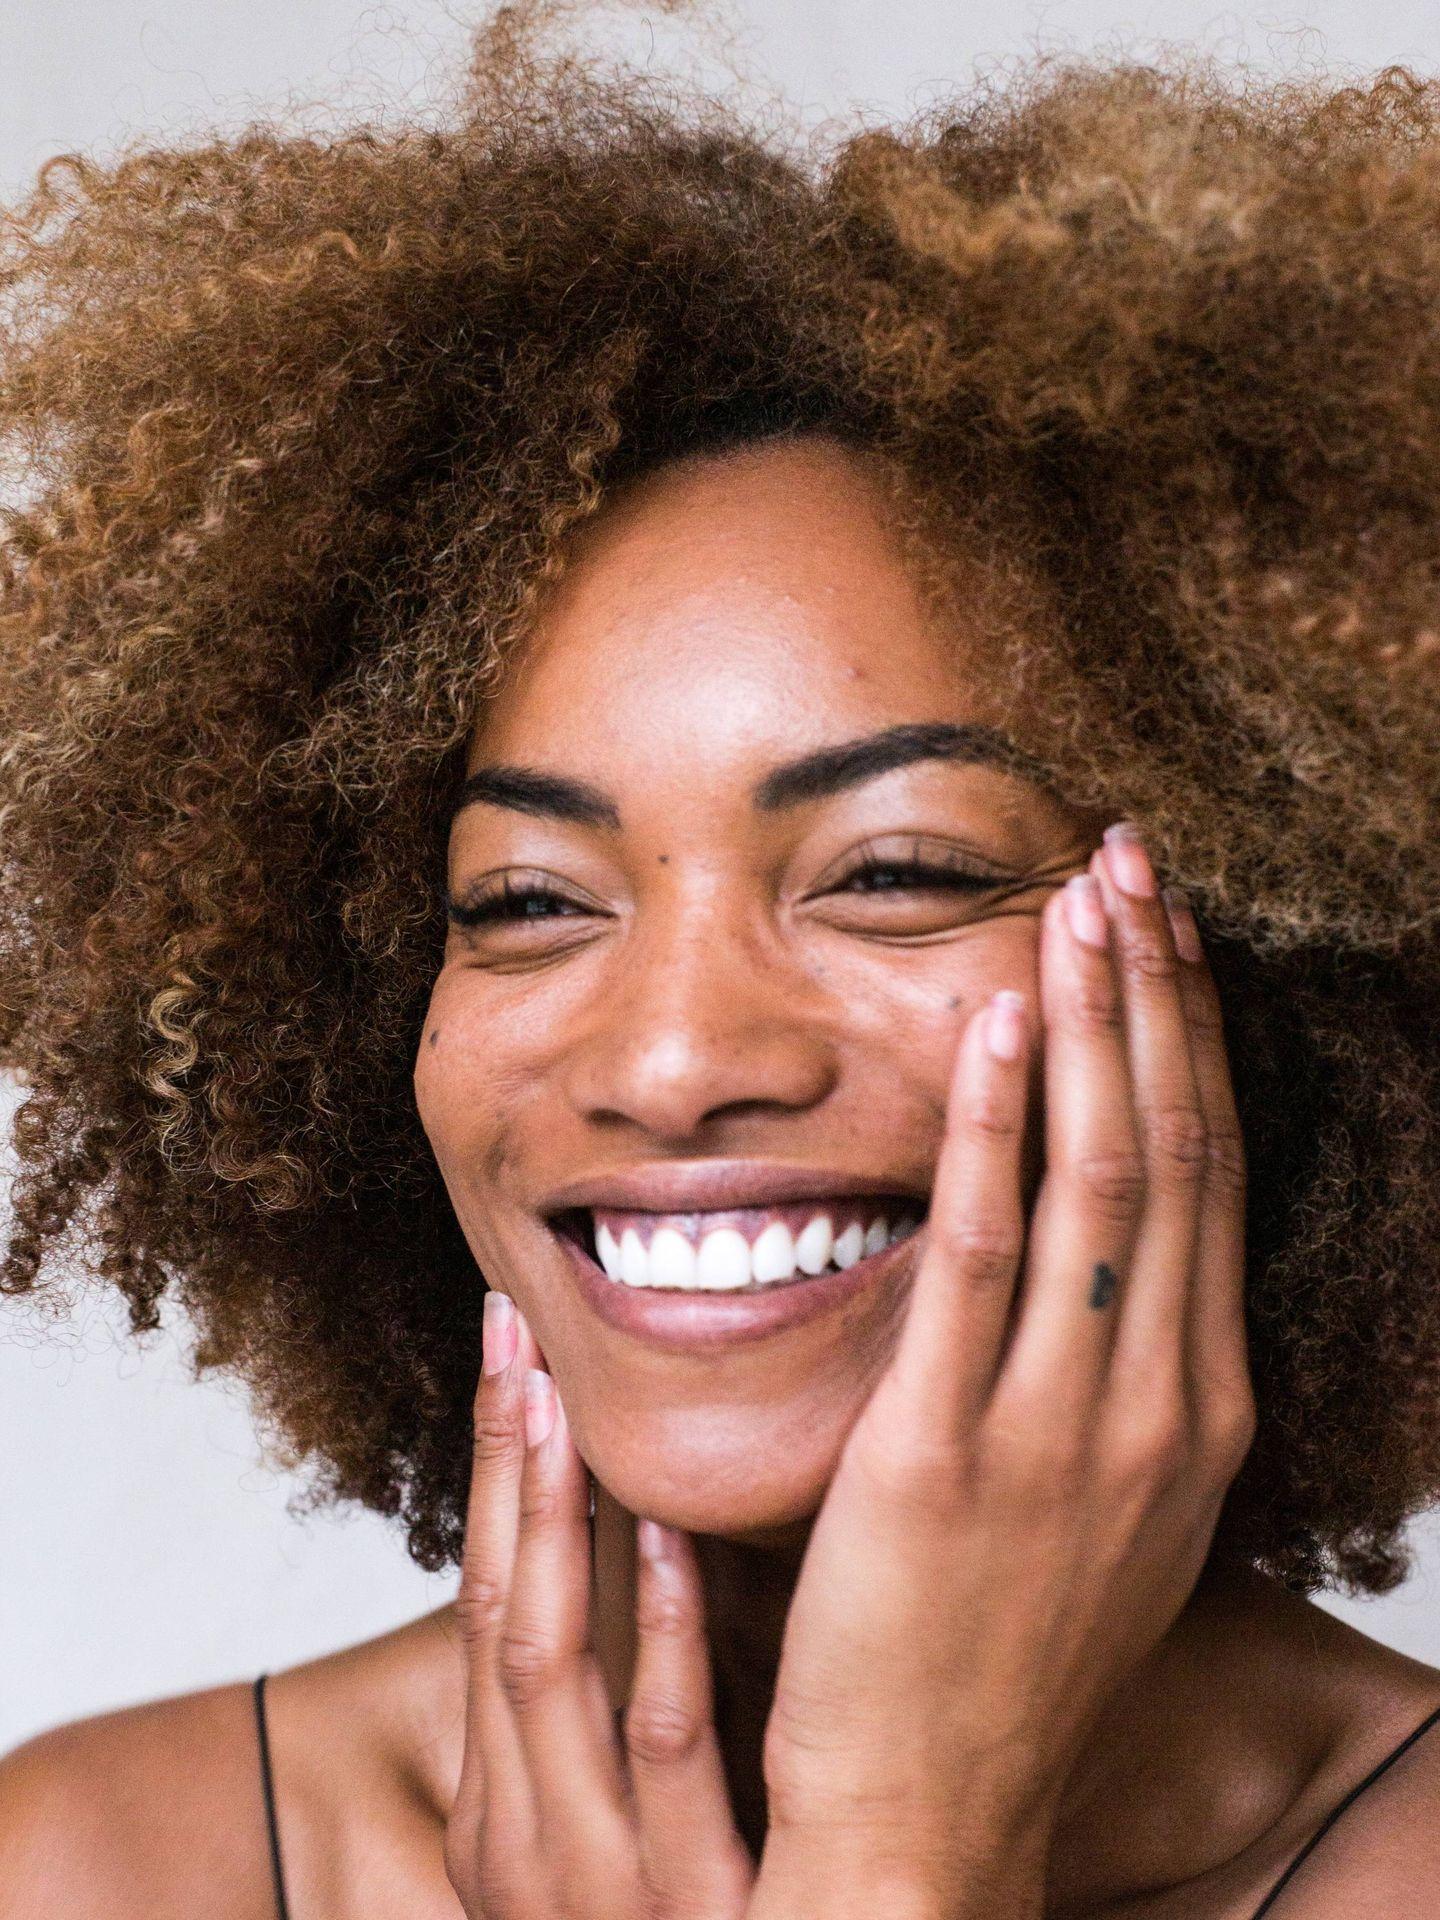 El acné adulto se suele desarrollar en la zona de las mejillas y de la mandíbula. (Park Street para Unsplash)